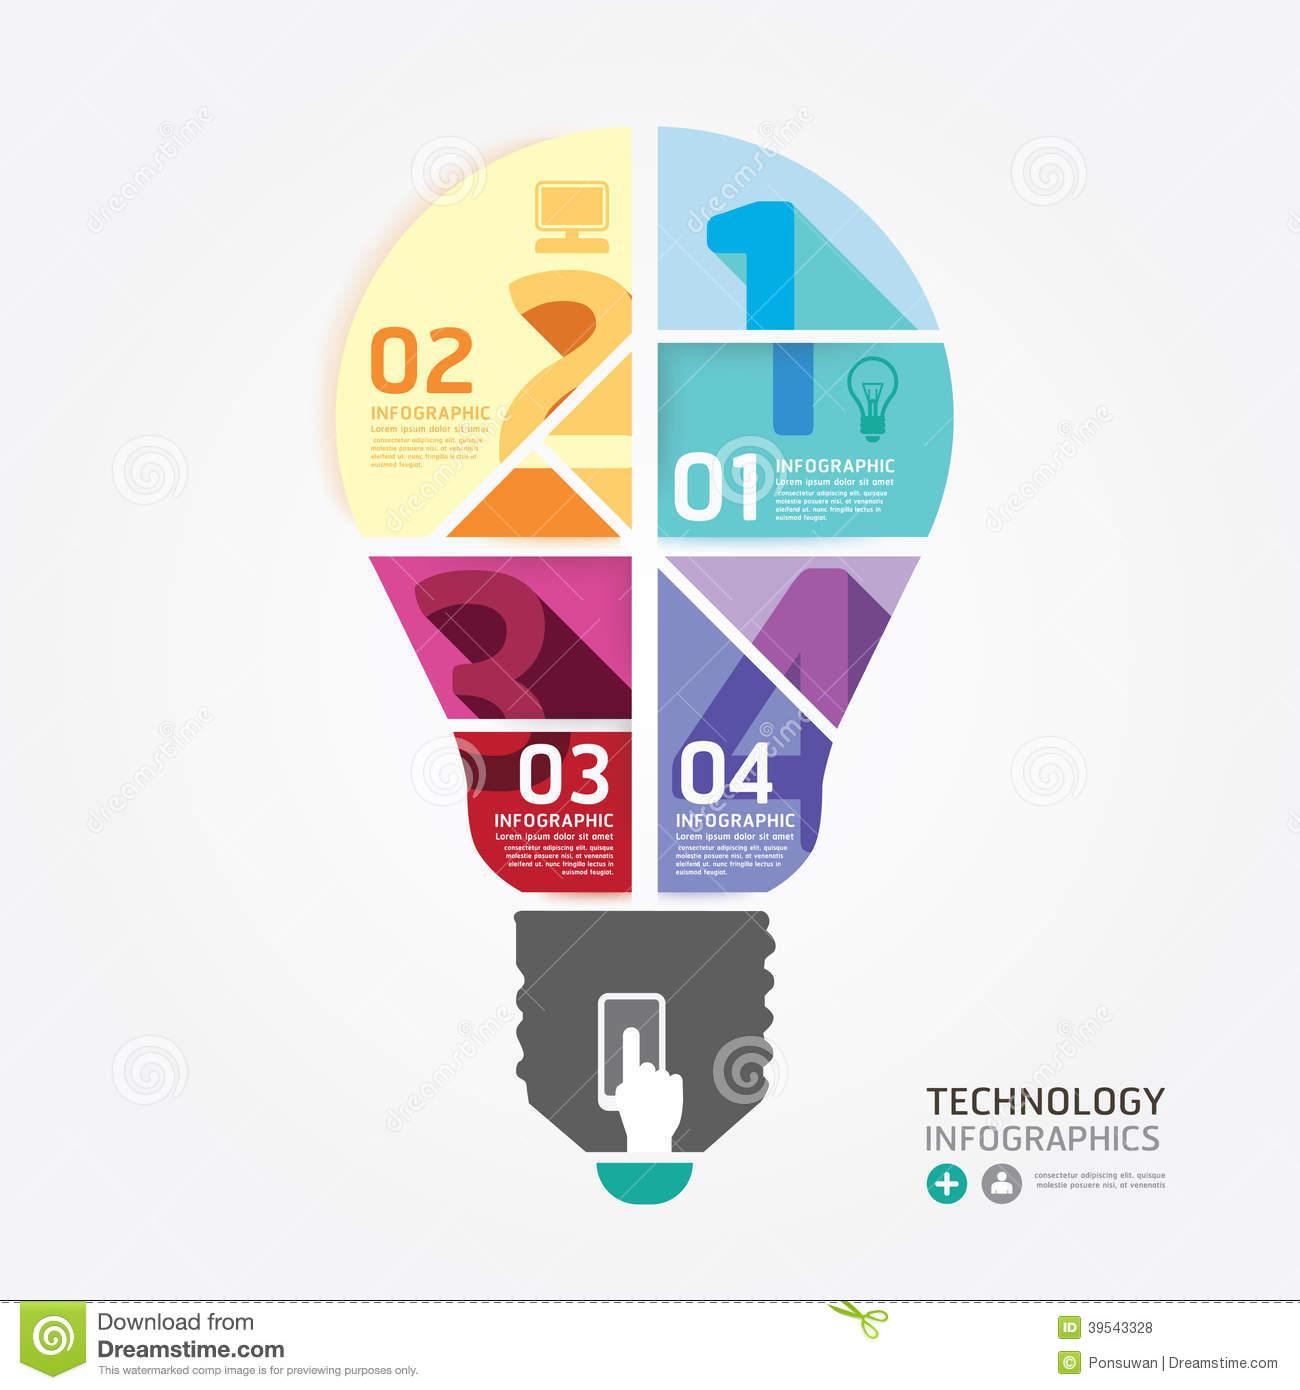 11 Light Bulb Graphic Design Images - Green Light Bulb ...